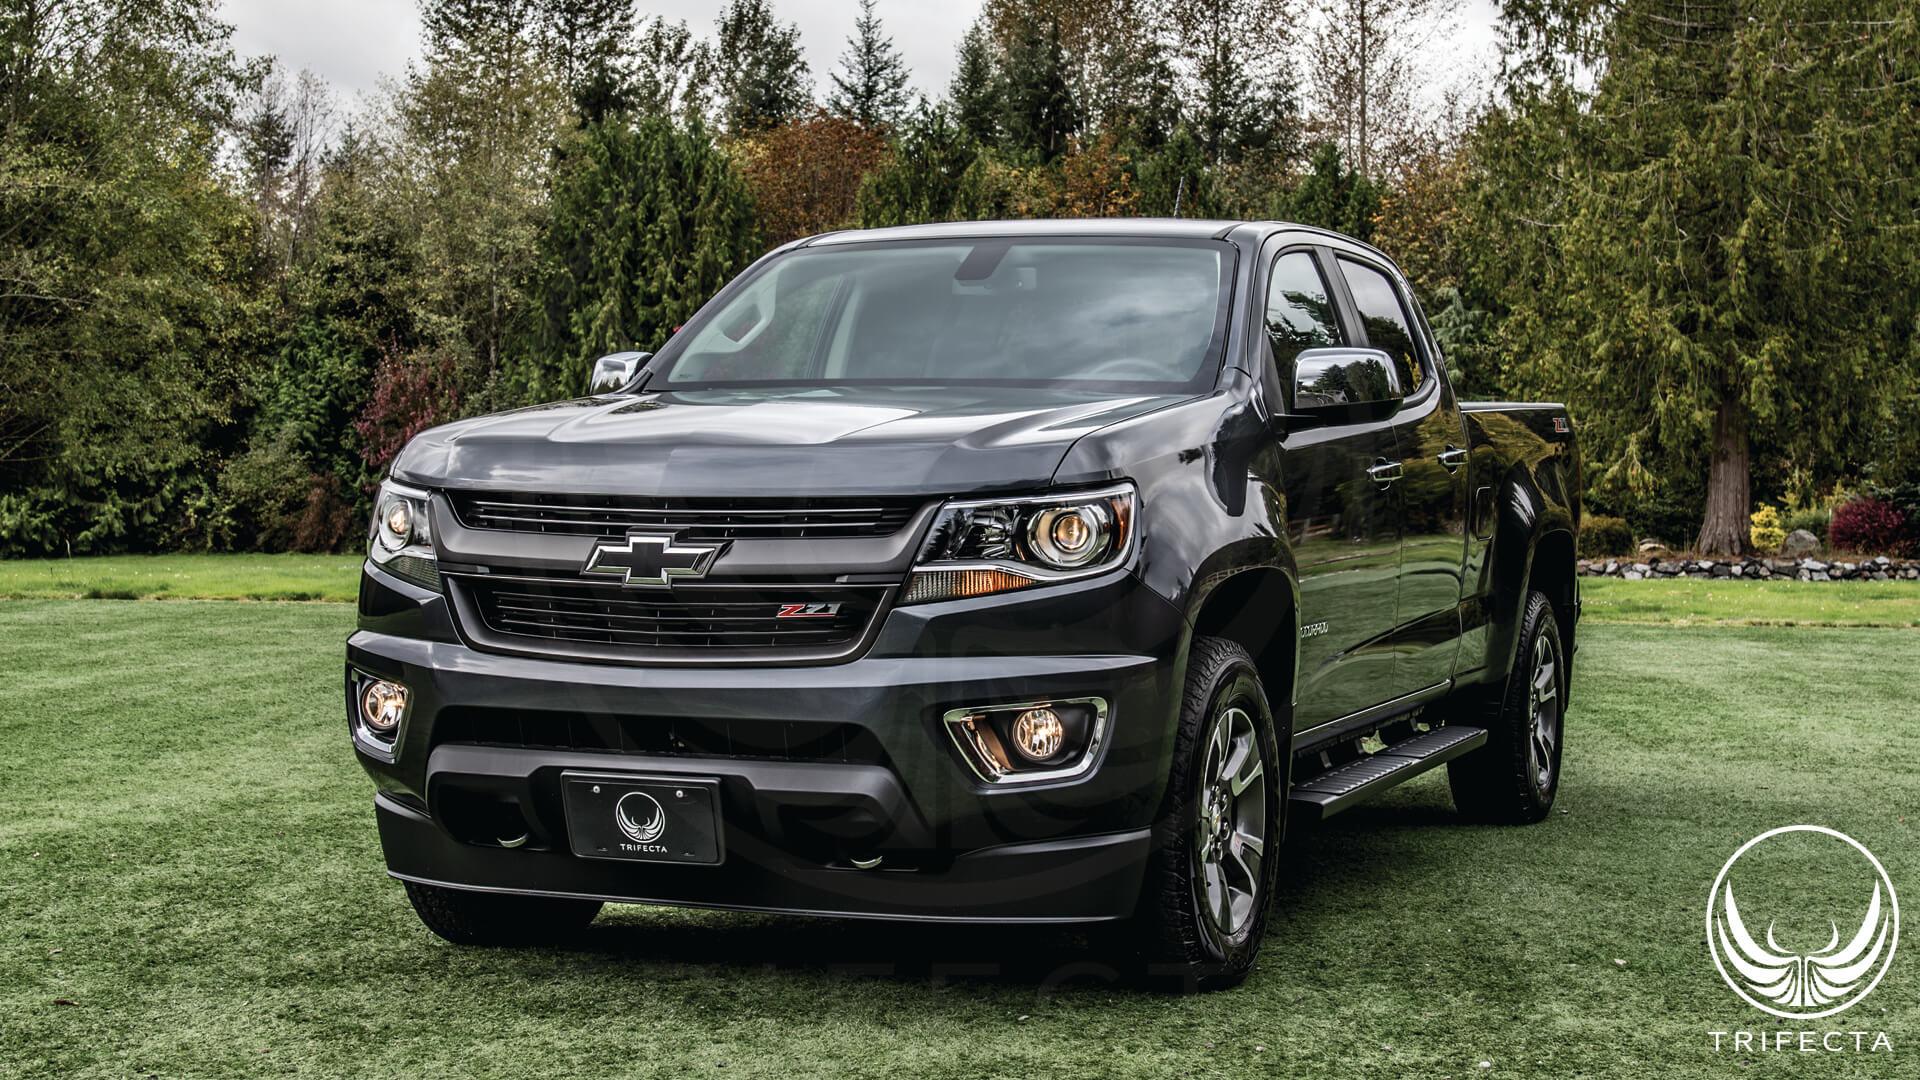 Product Review: 2017--2020 Chevrolet Colorado - 3.6L - Advantage